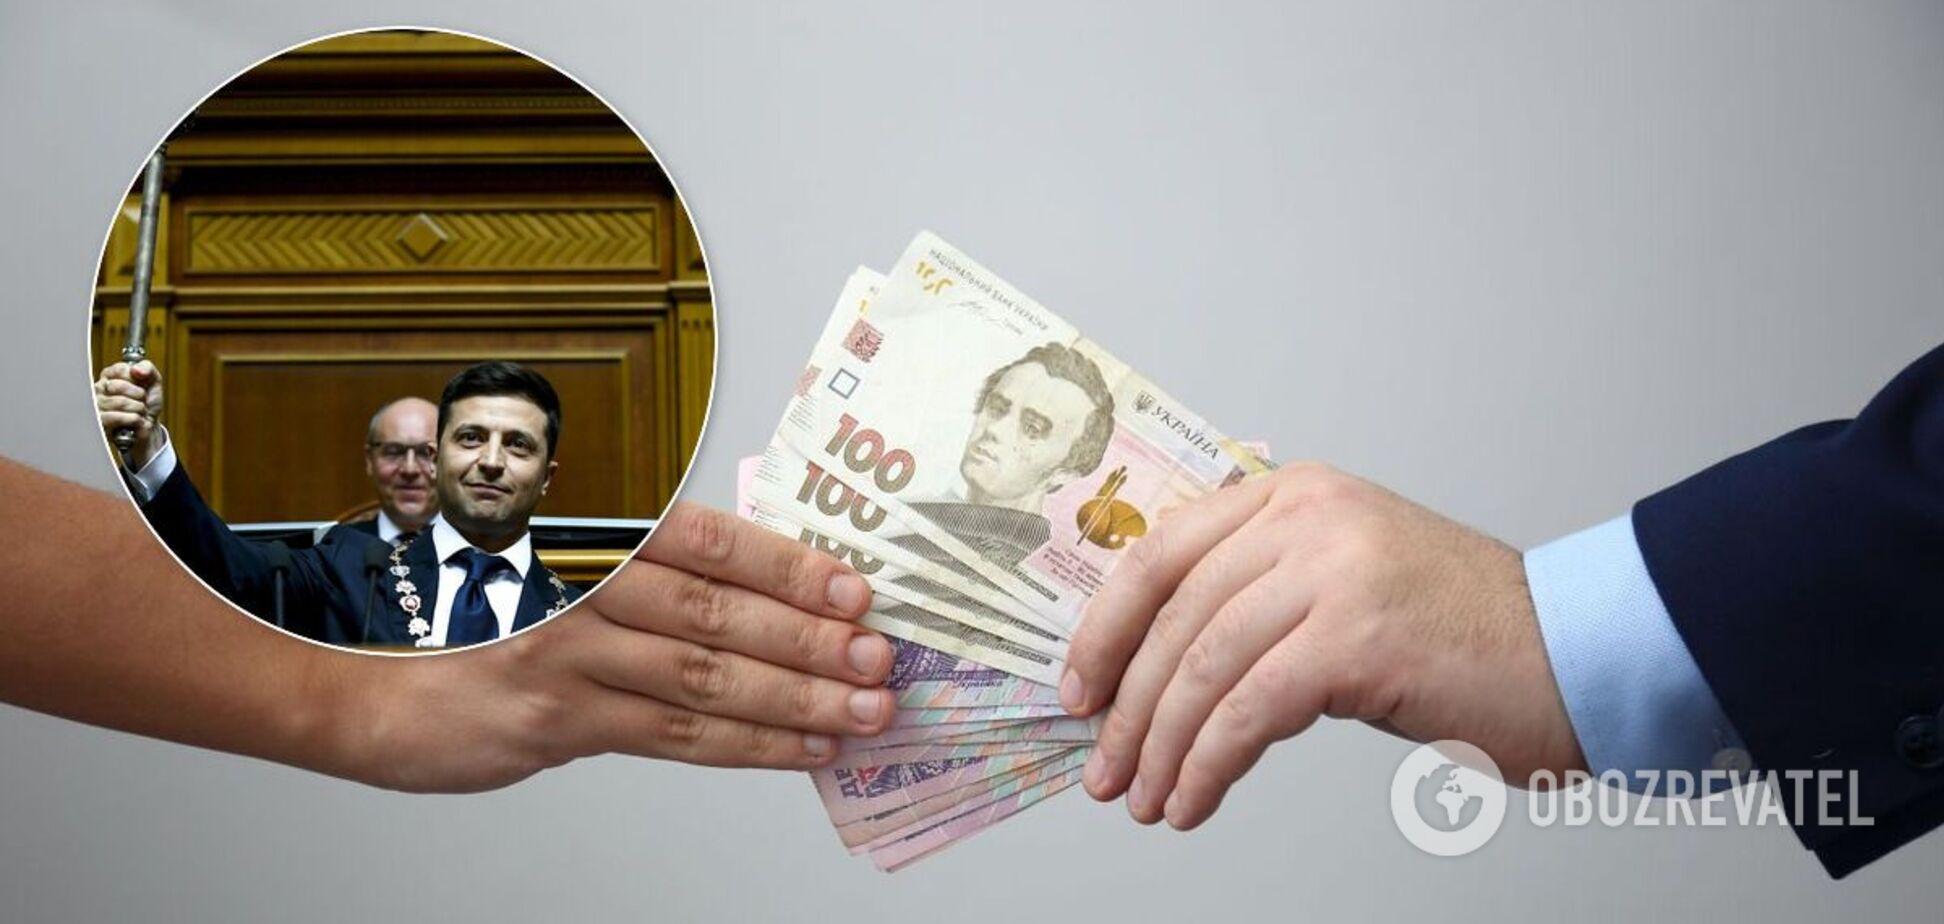 Українці вже можуть отримати 8000 грн 'від Зеленського': залишилося чотири дні